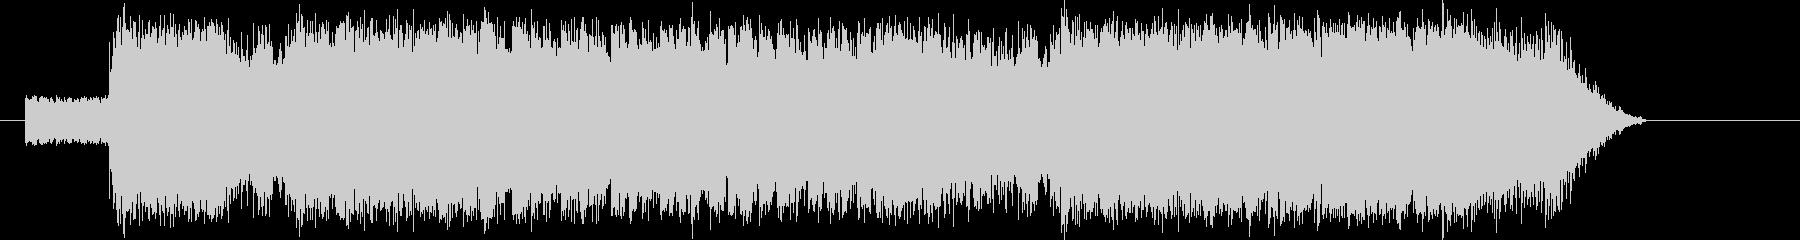 エレキギターがパワフルなバトル系BGMの未再生の波形